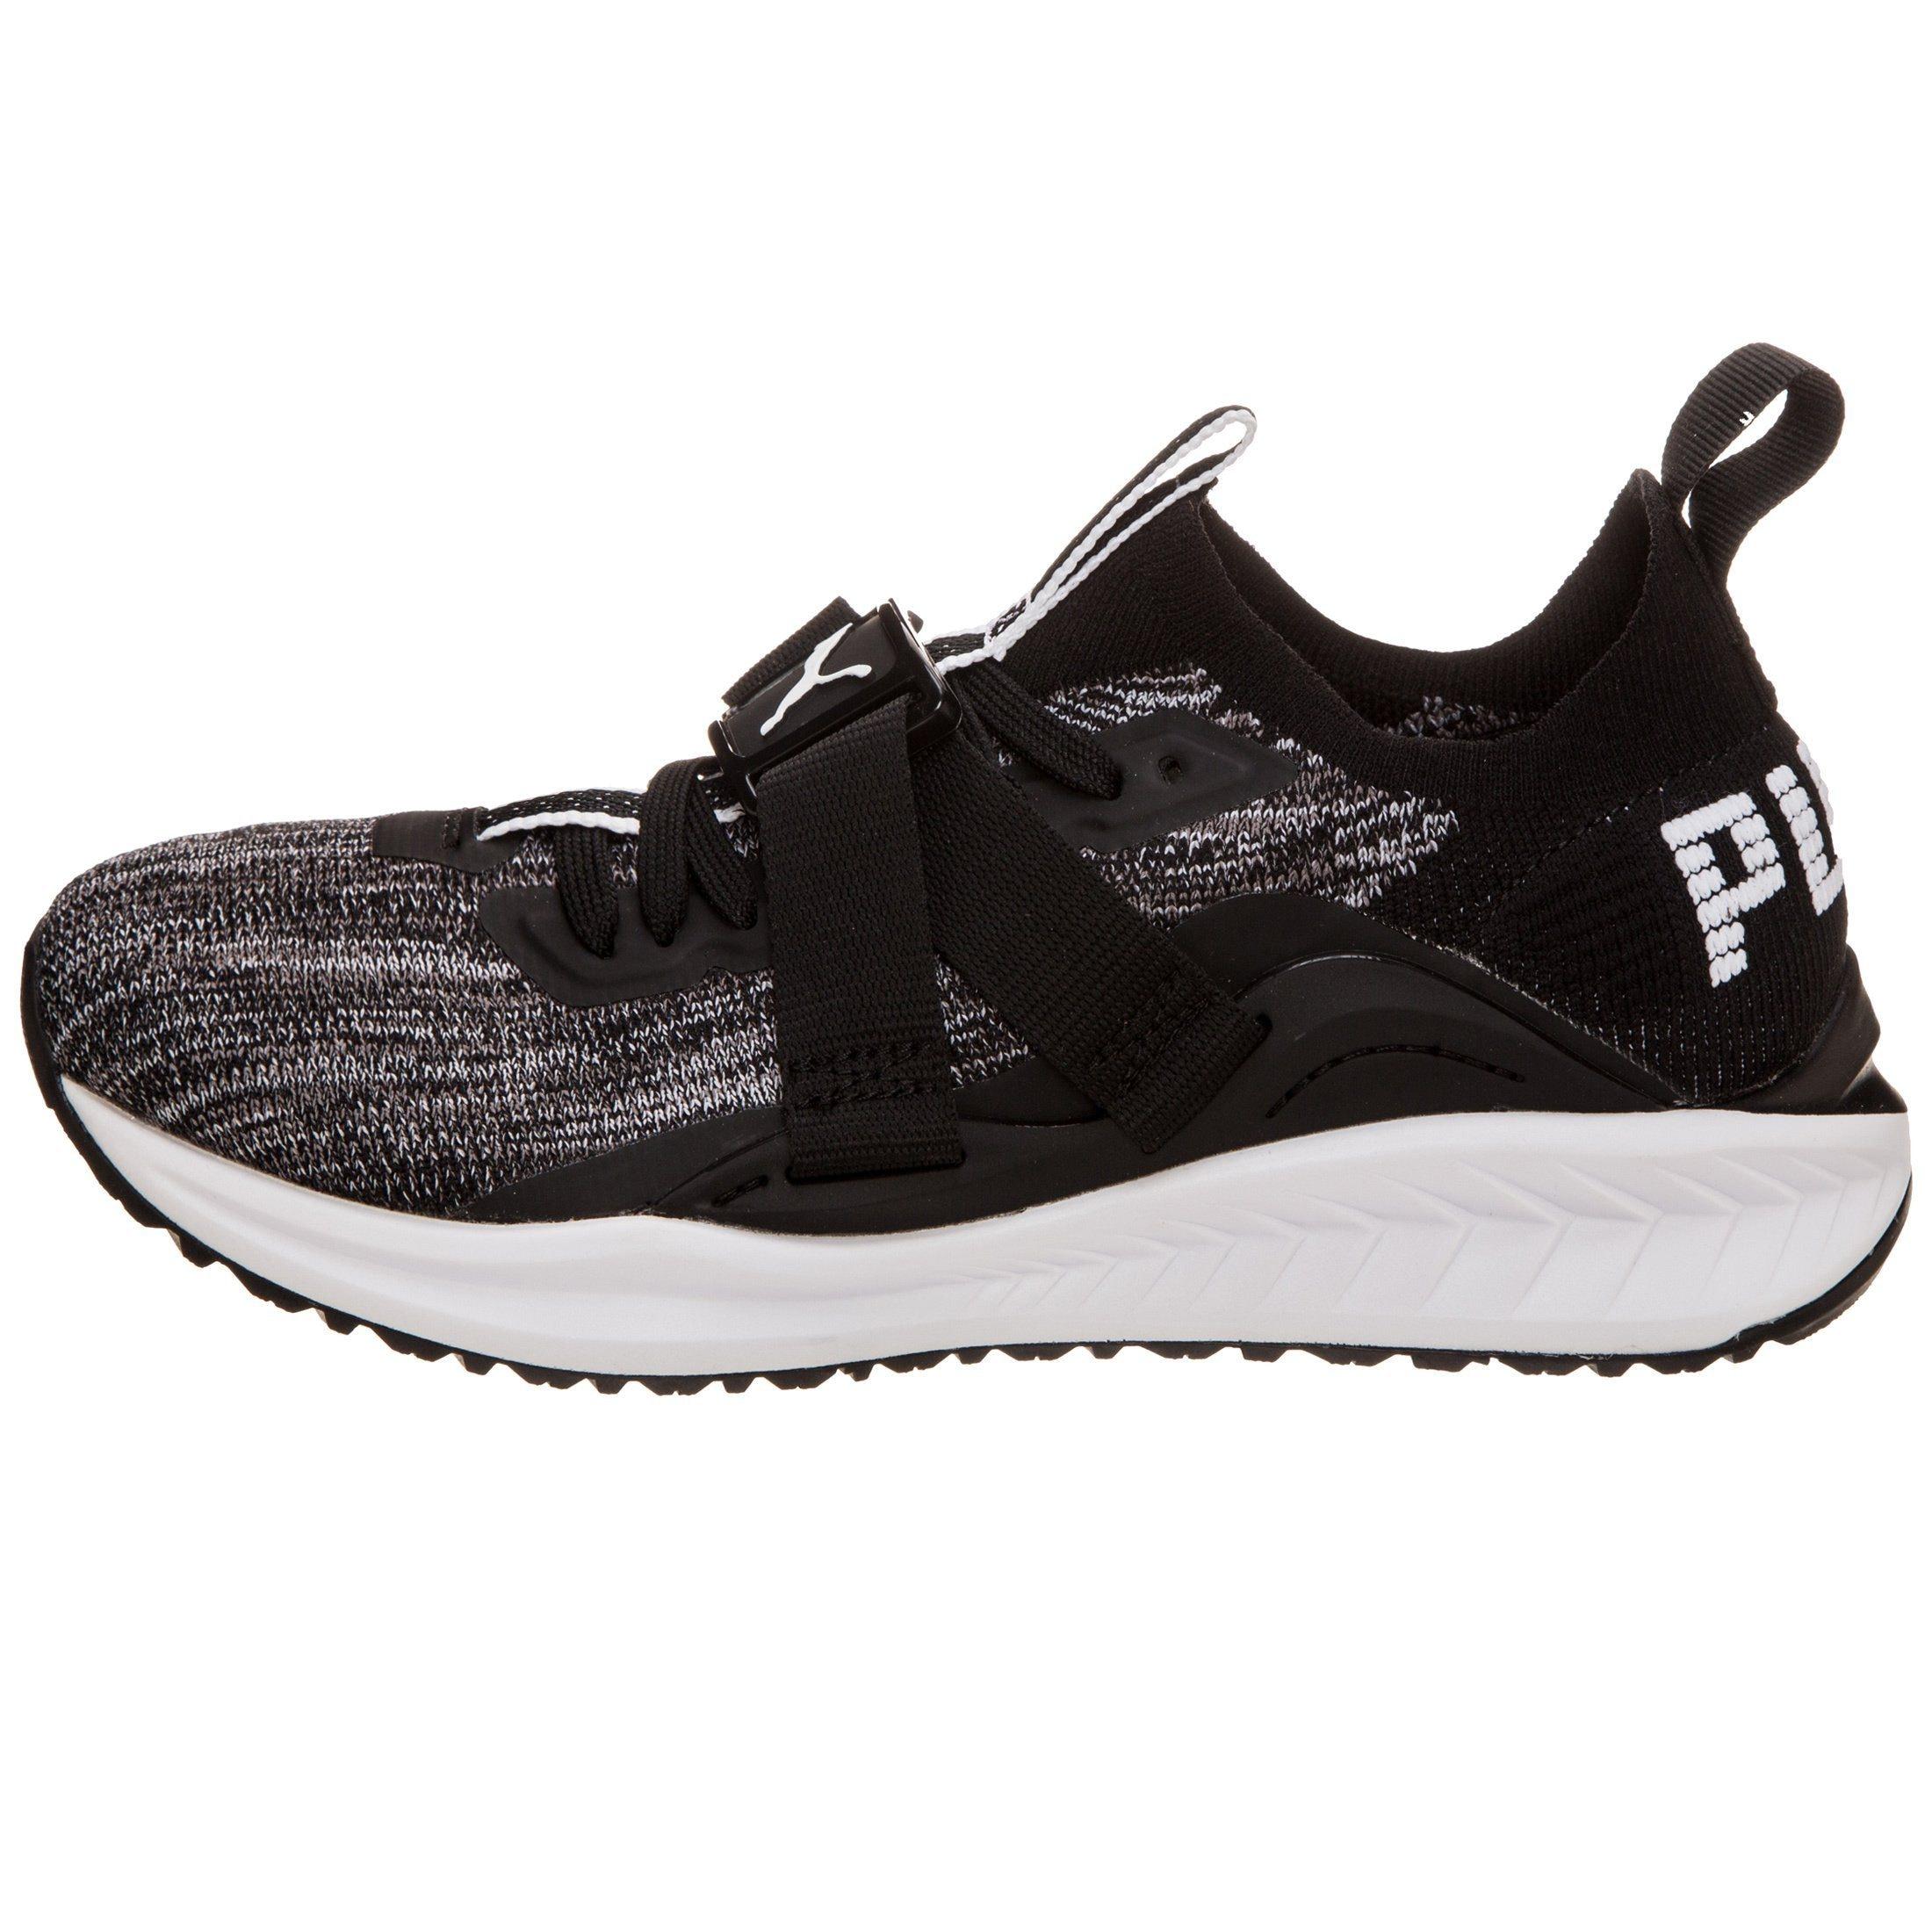 PUMA Sneaker Ignite Evoknit Lo Lo Evoknit 2 online bestellen | Gutes Preis-Leistungs-Verhältnis, es lohnt sich aa7872